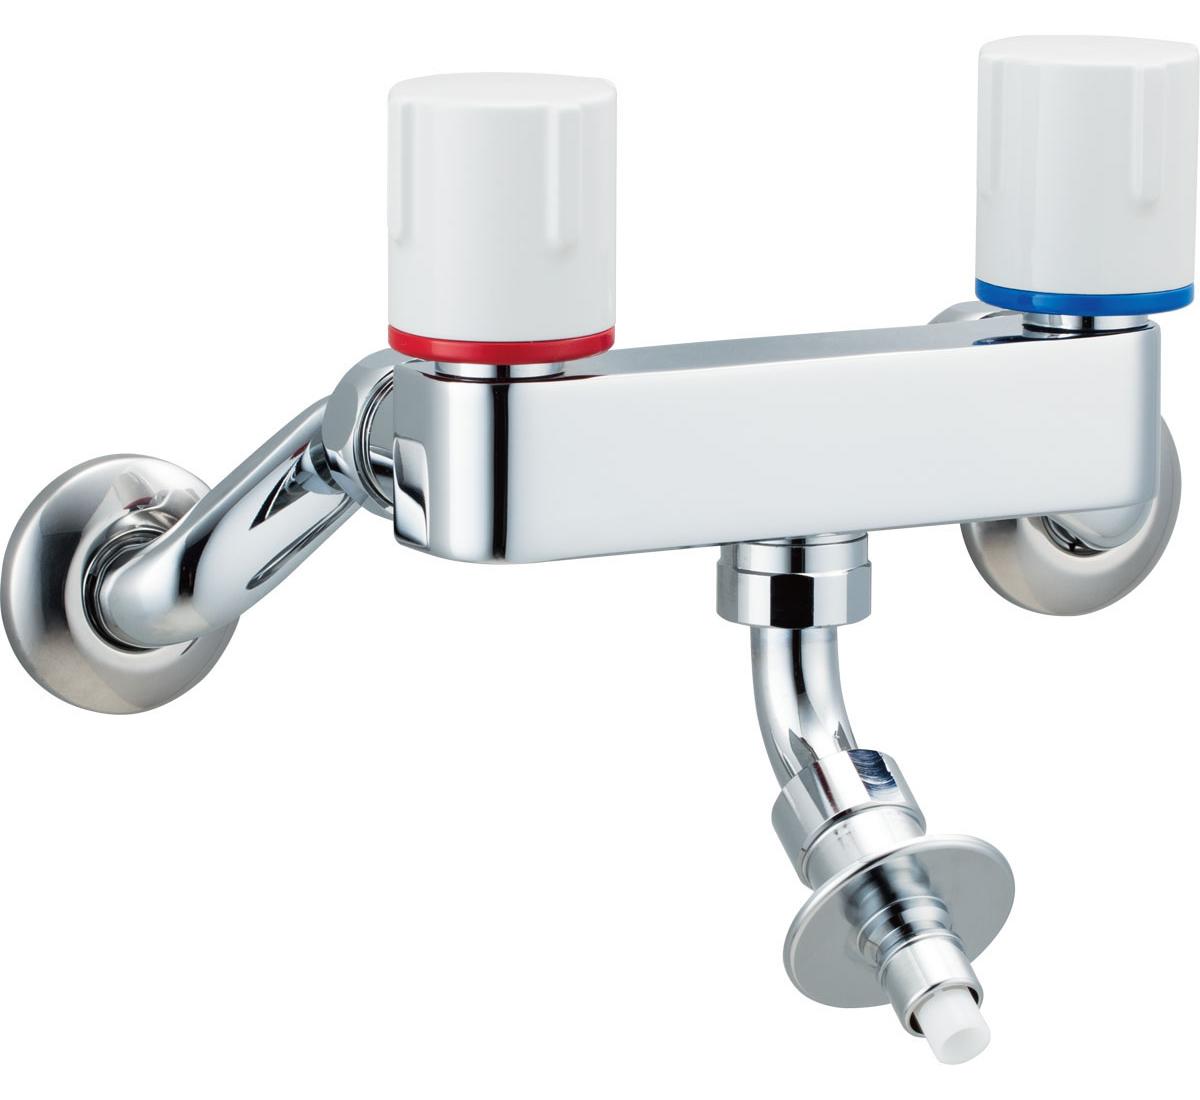 INAX[イナックス]・LIXIL[リクシル] 【SF-WL63RQN】 洗濯機用水栓金具 露出タイプ(屋内専用) 緊急止水弁付2ハンドル混合水栓 寒冷地対応商品 [新品]